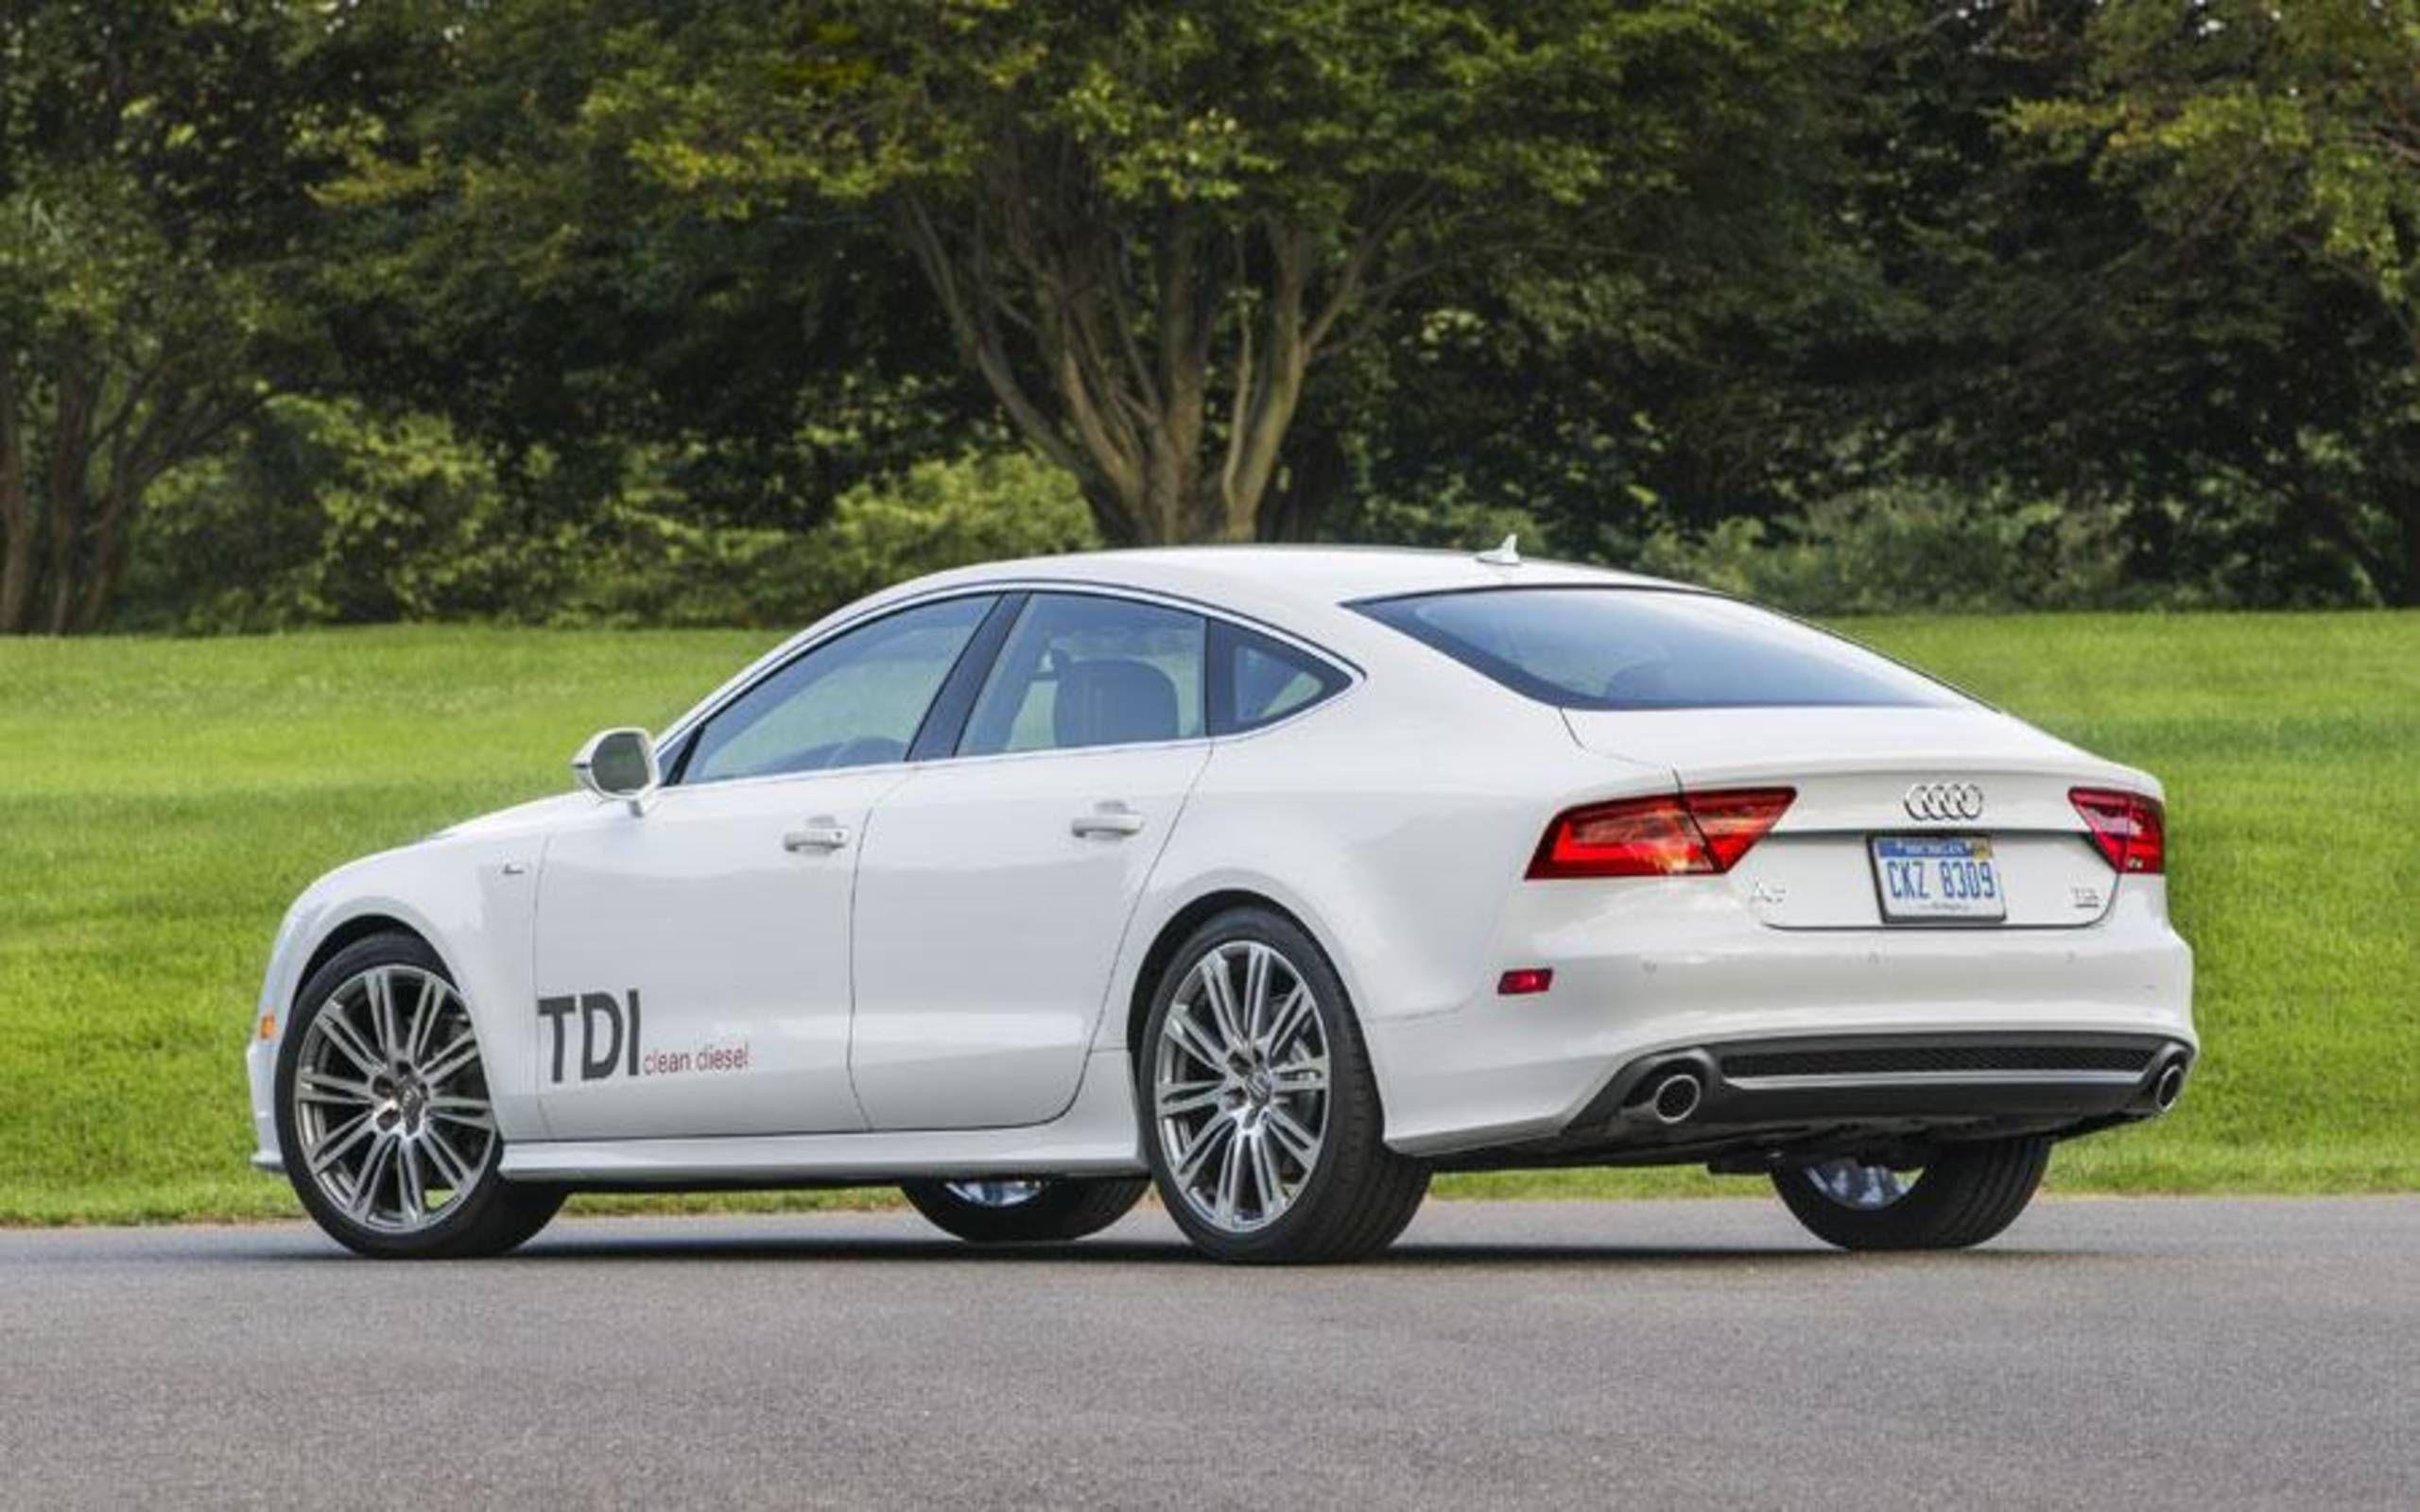 Kekurangan Audi A7 2014 Spesifikasi